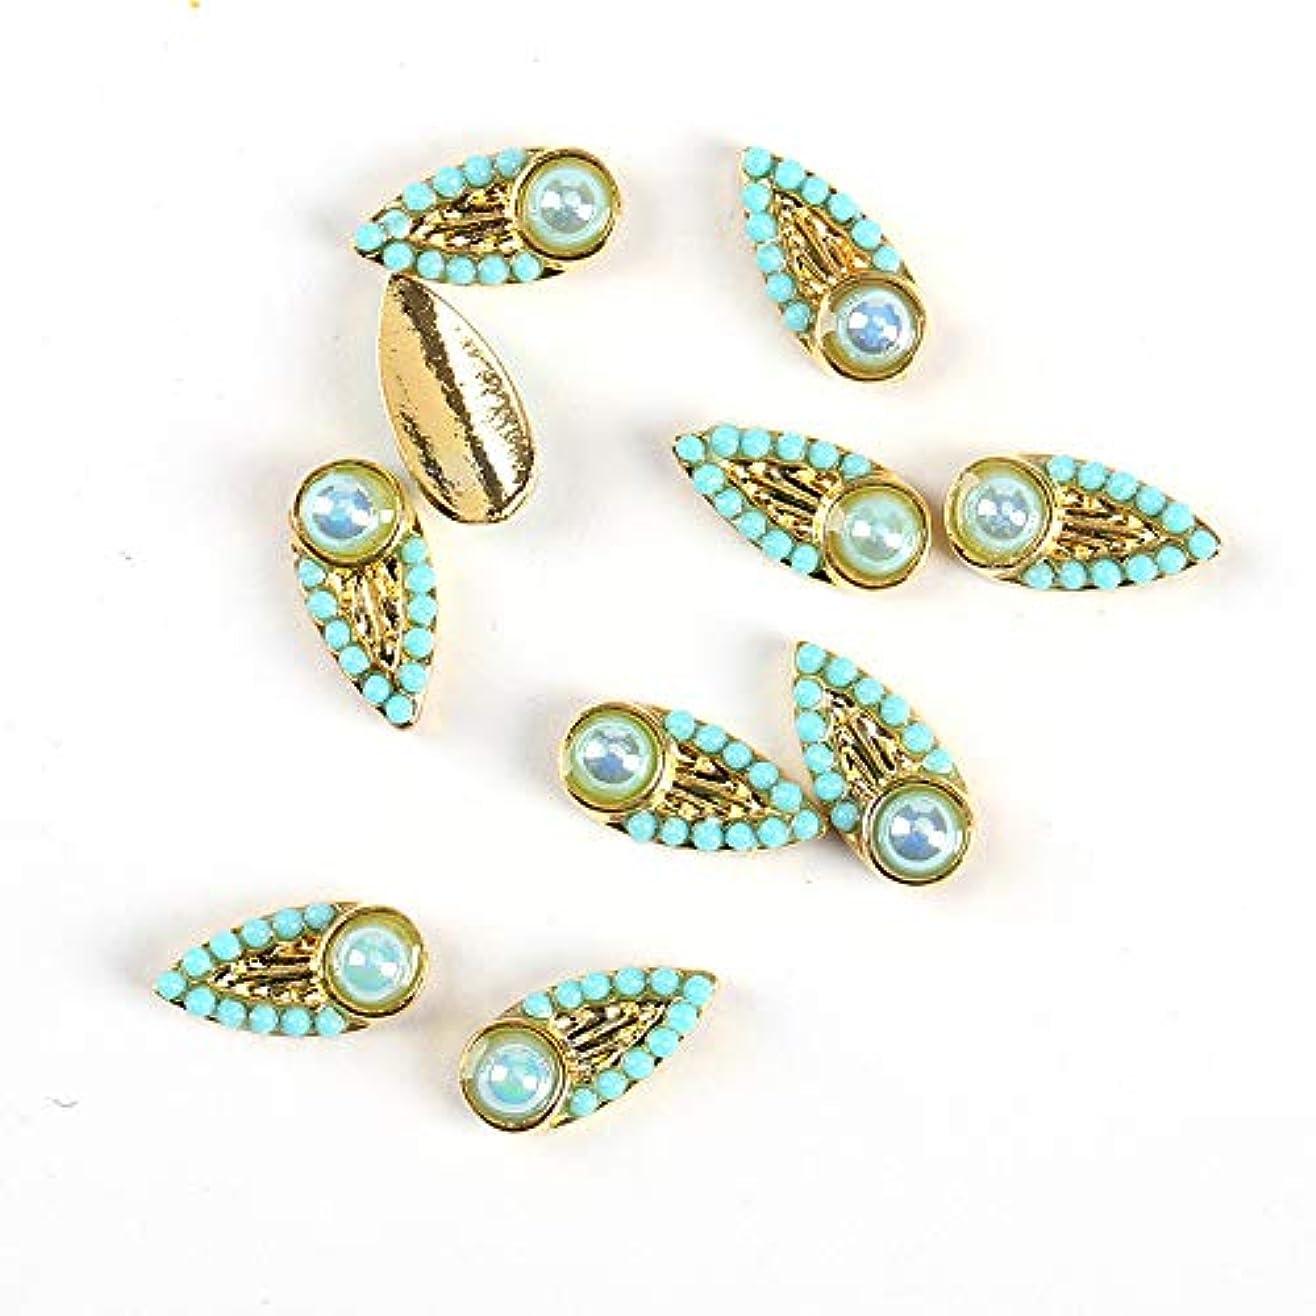 ピニオンクレーター乱すネイルズアクセサリー用10個入り/ロット3Dネイルアートの装飾ゴールドネイルスタッド象眼細工の宝石デザイン2色,1